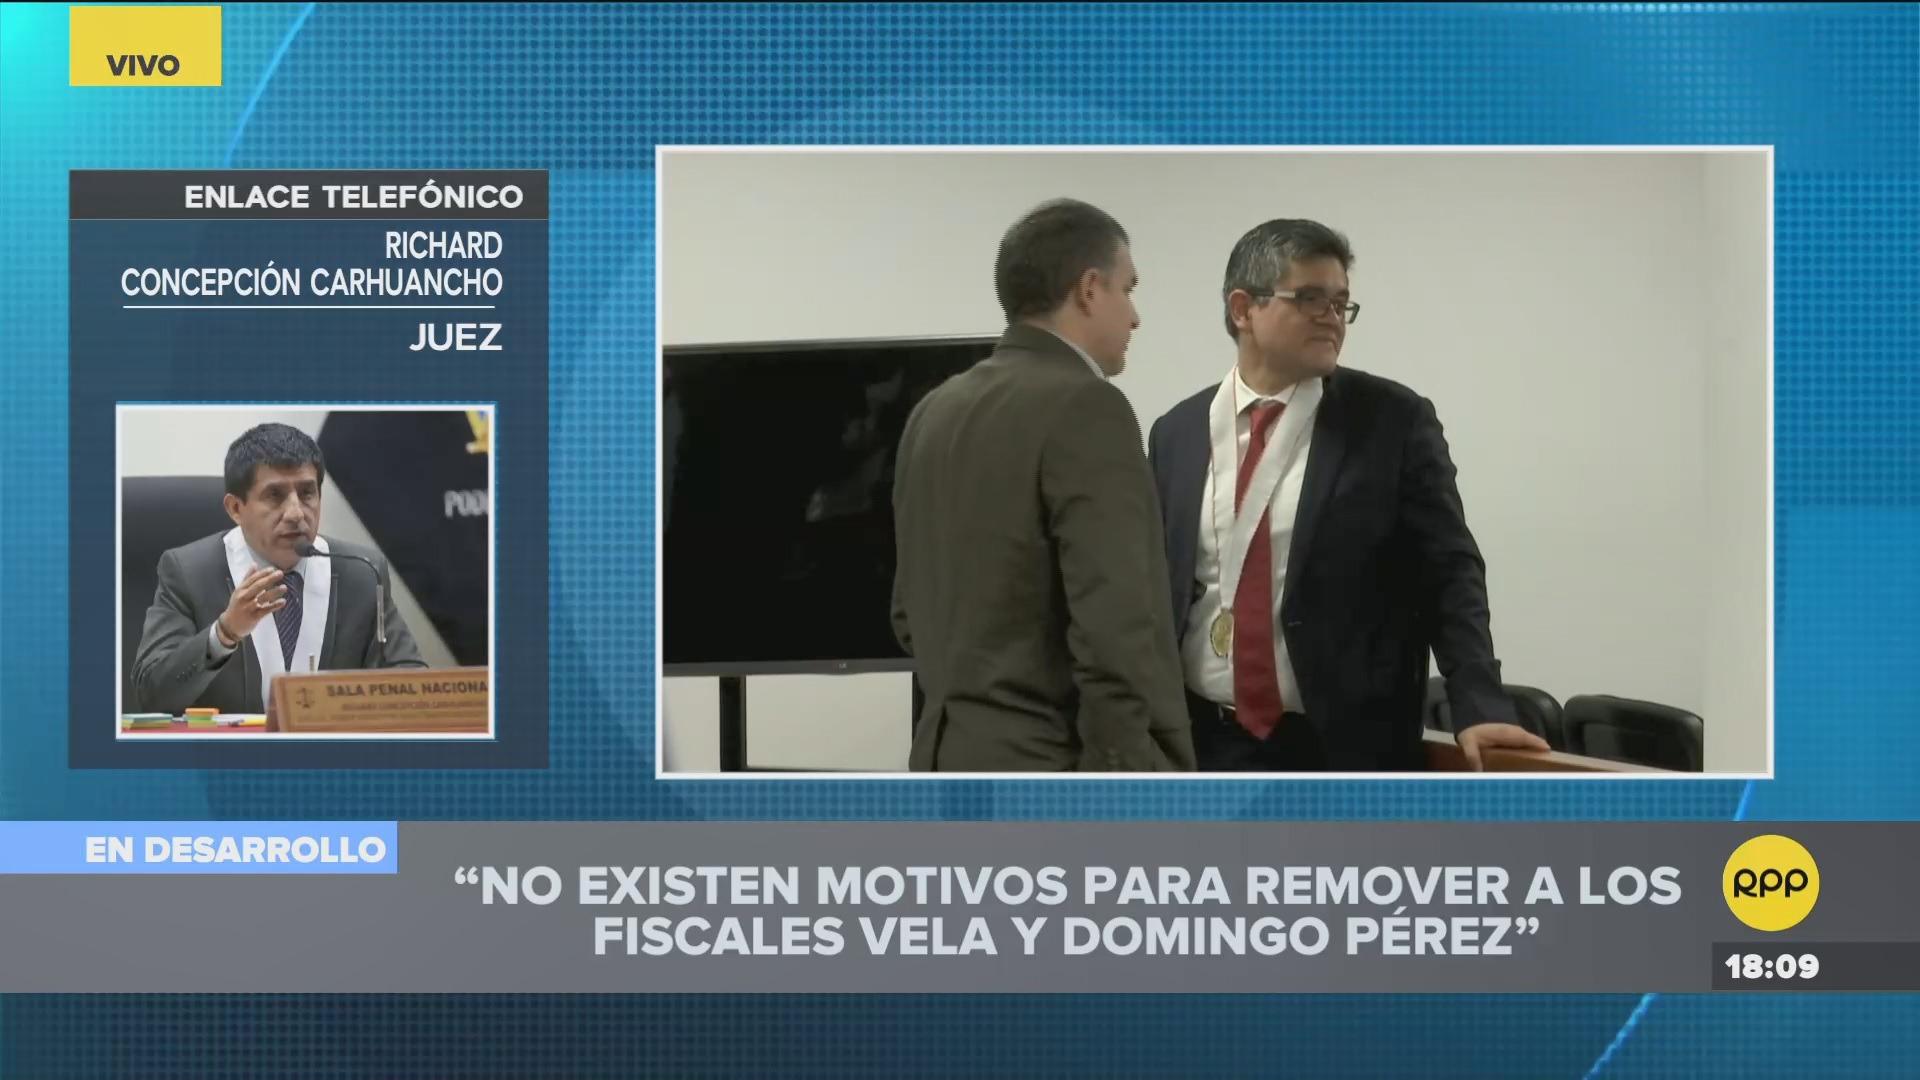 El juez consideró que la decisión de Chávarry para sacar a los fiscales no tiene sustento.